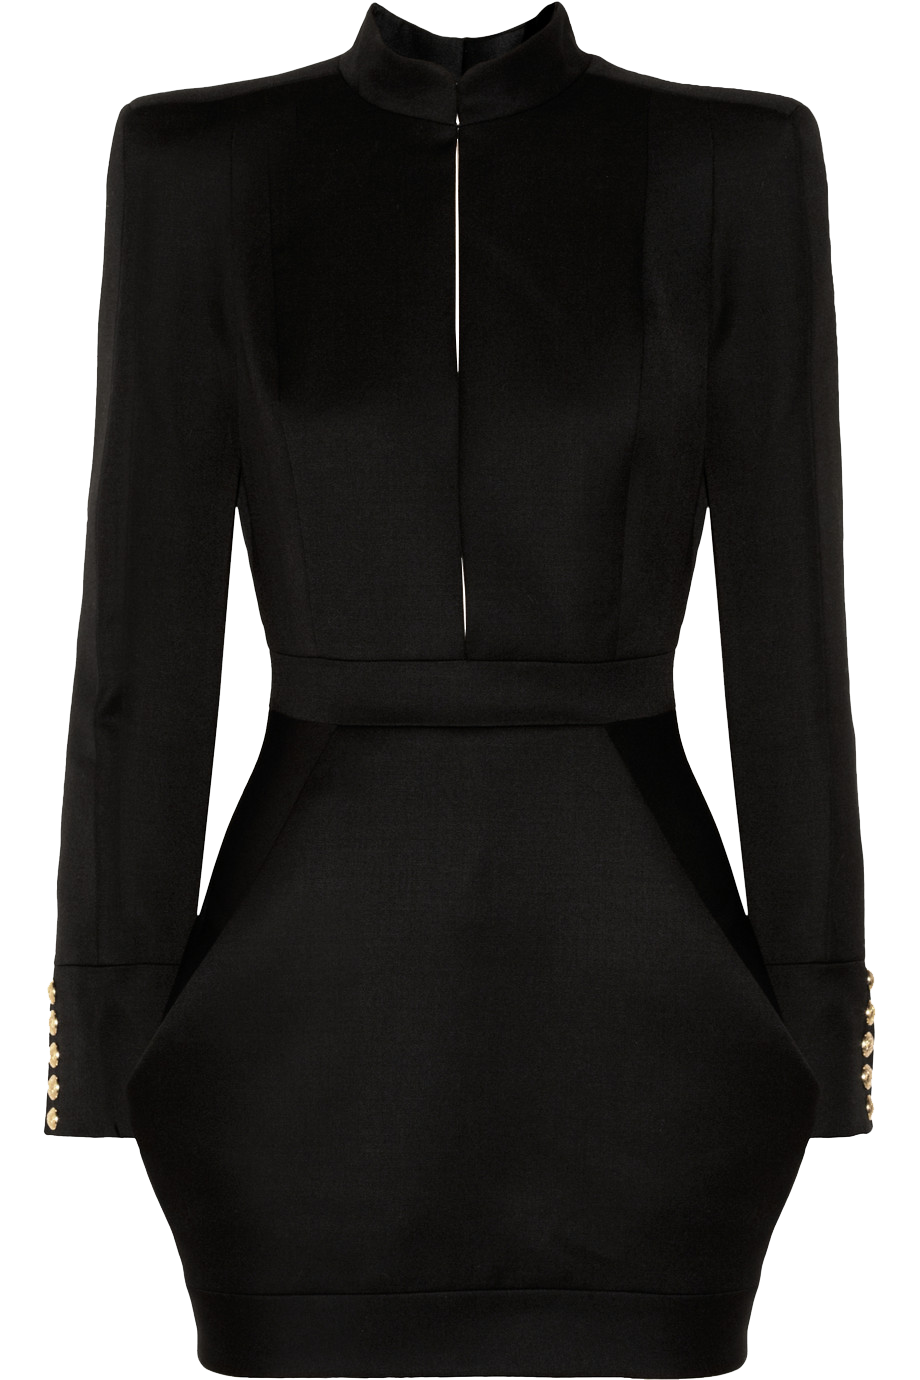 Balmain black Wool-twill mini dress